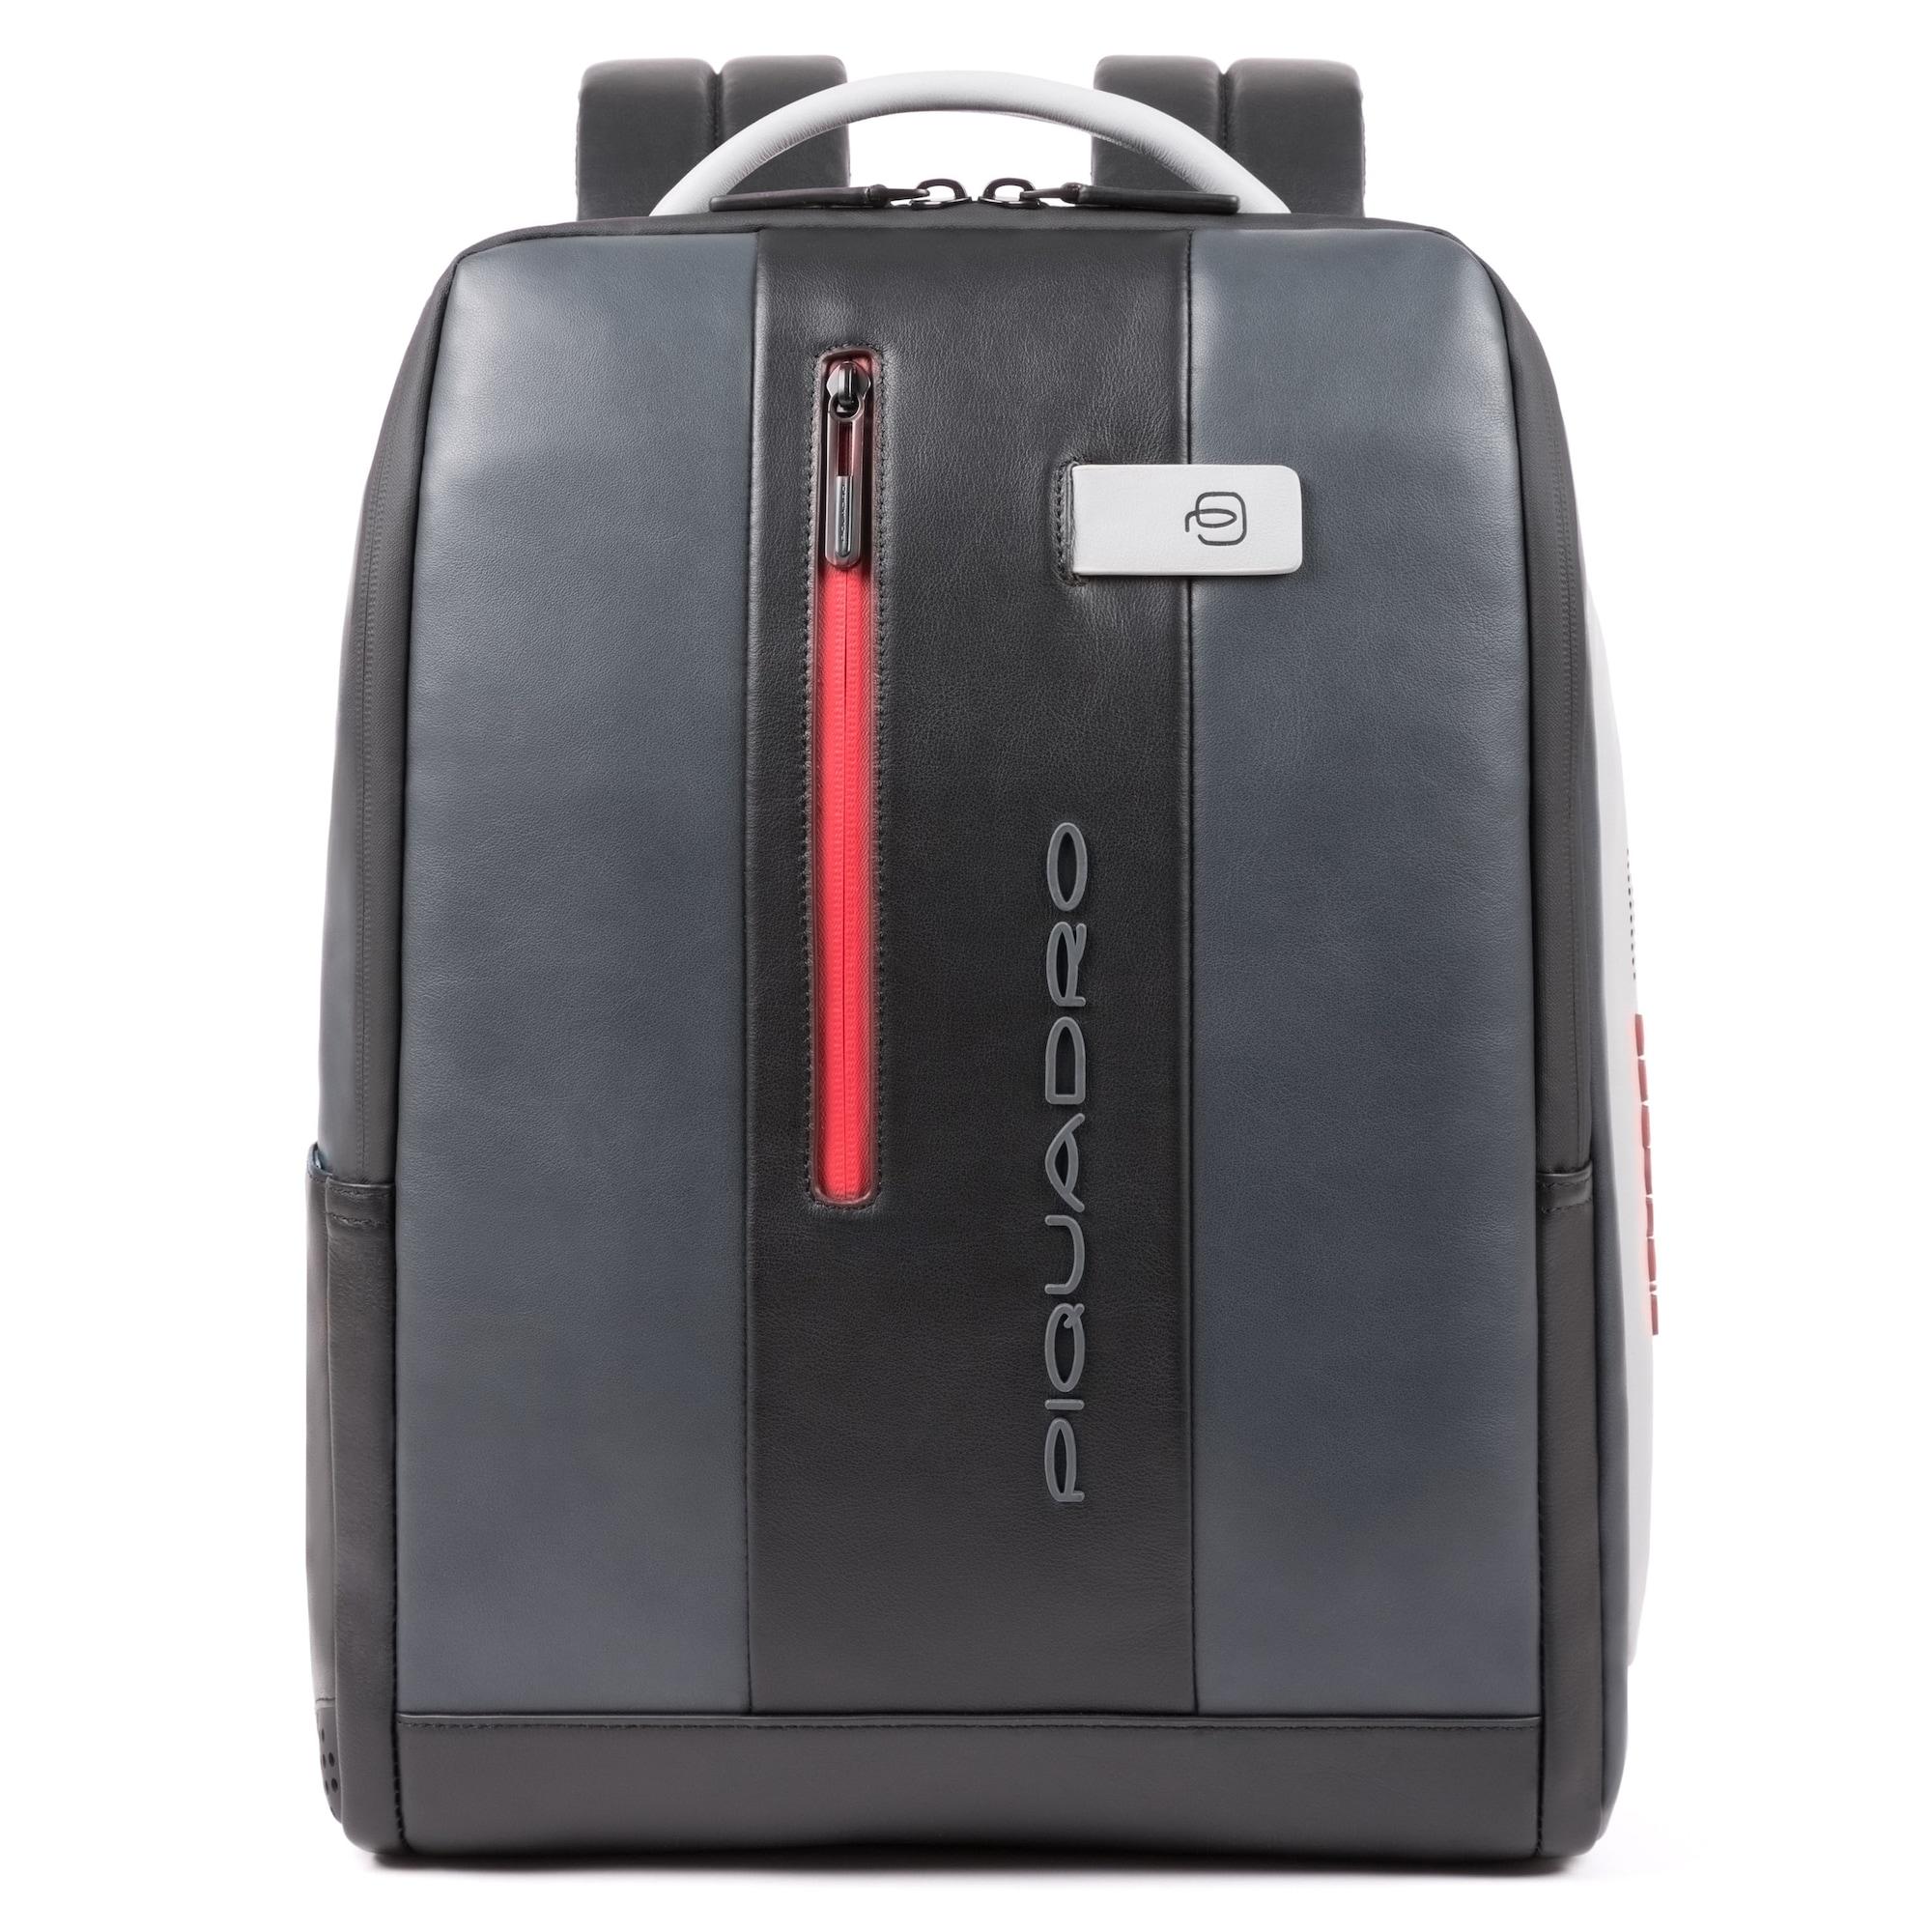 Urban Businessrucksack Leder 41 cm Laptopfach   Taschen > Rucksäcke > Businessrucksäcke   Piquadro